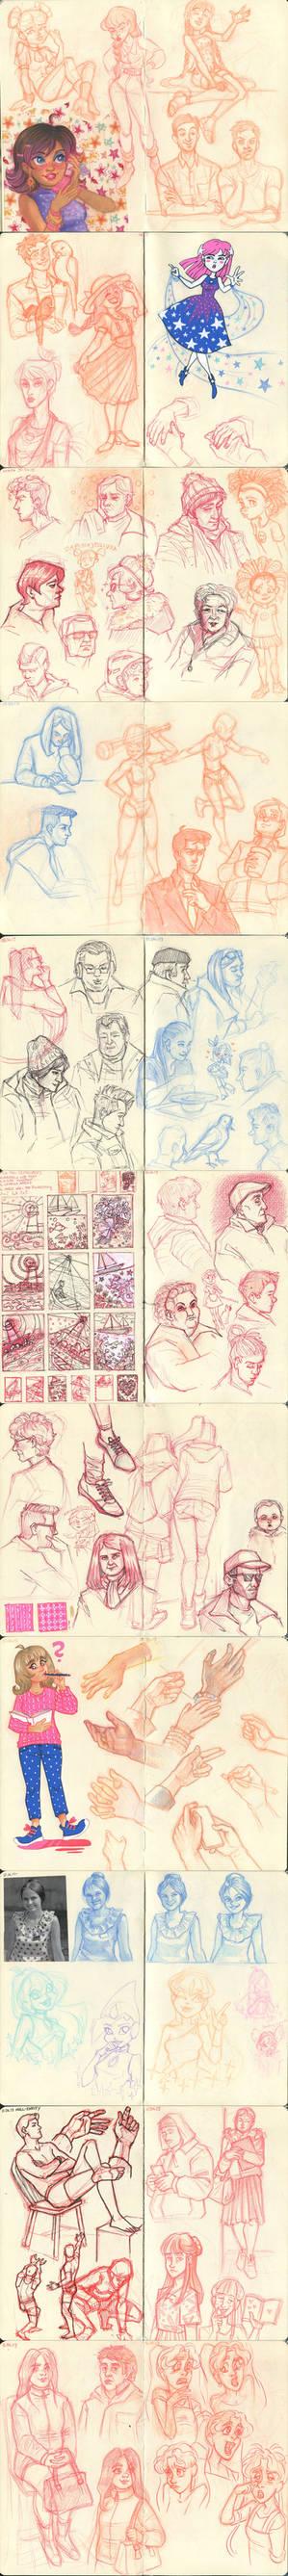 My sketchbook 51